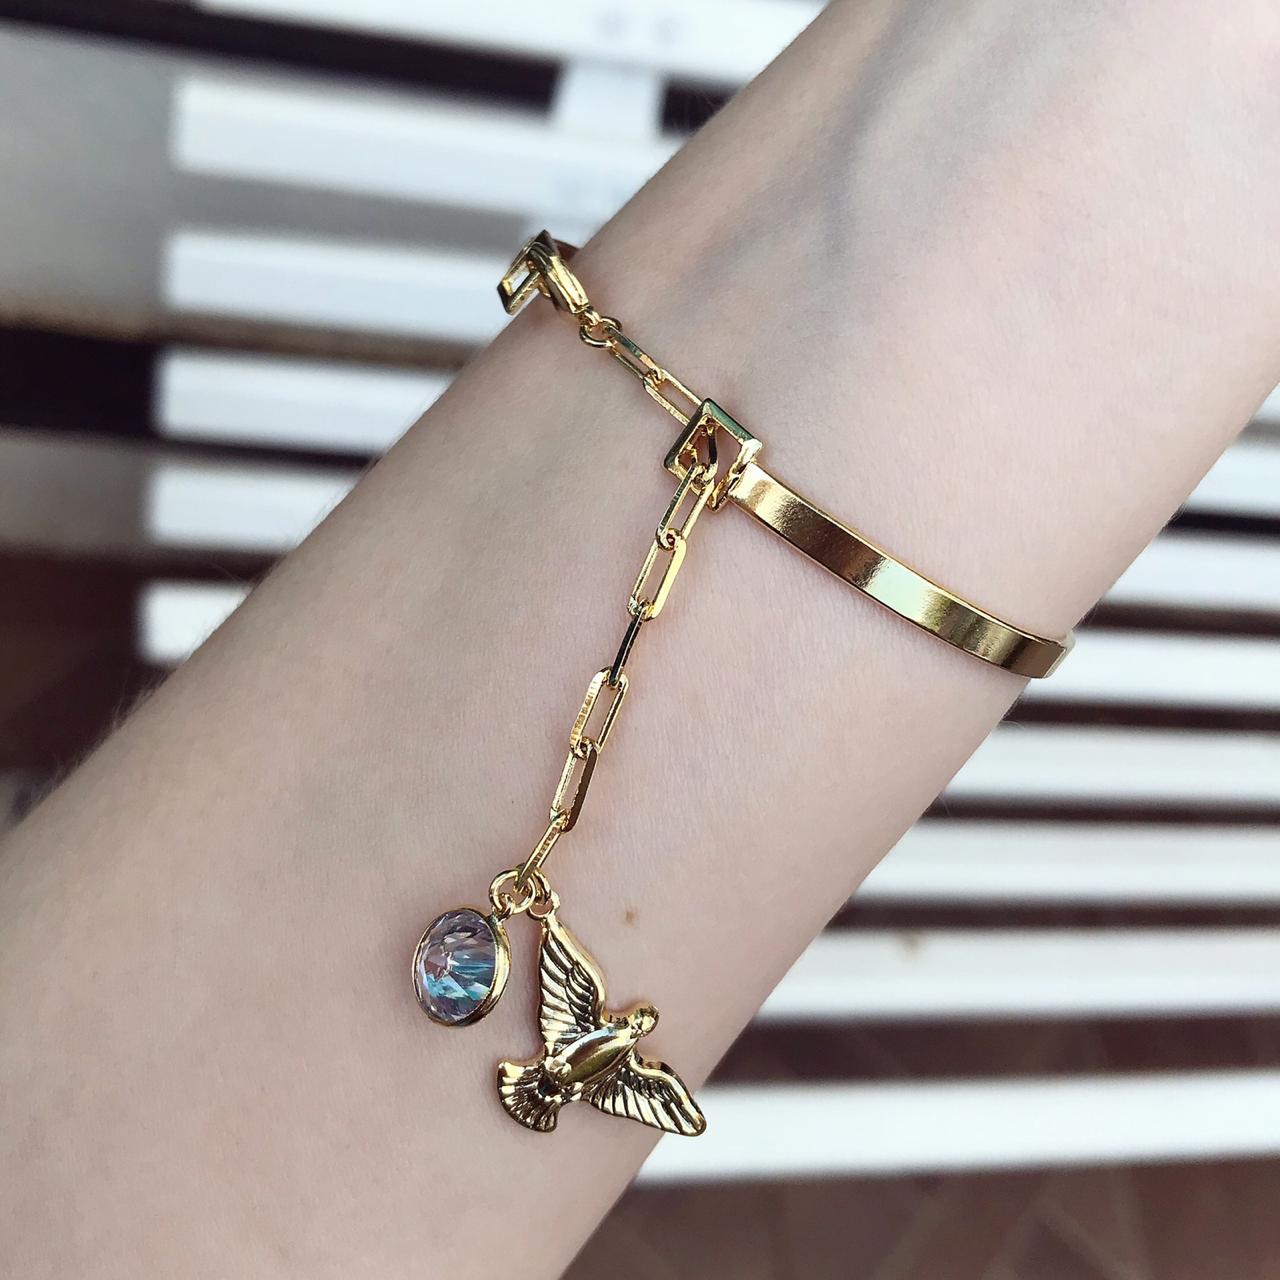 Bracelete Com Pendulo De Espirito Santo e Ponto De Luz